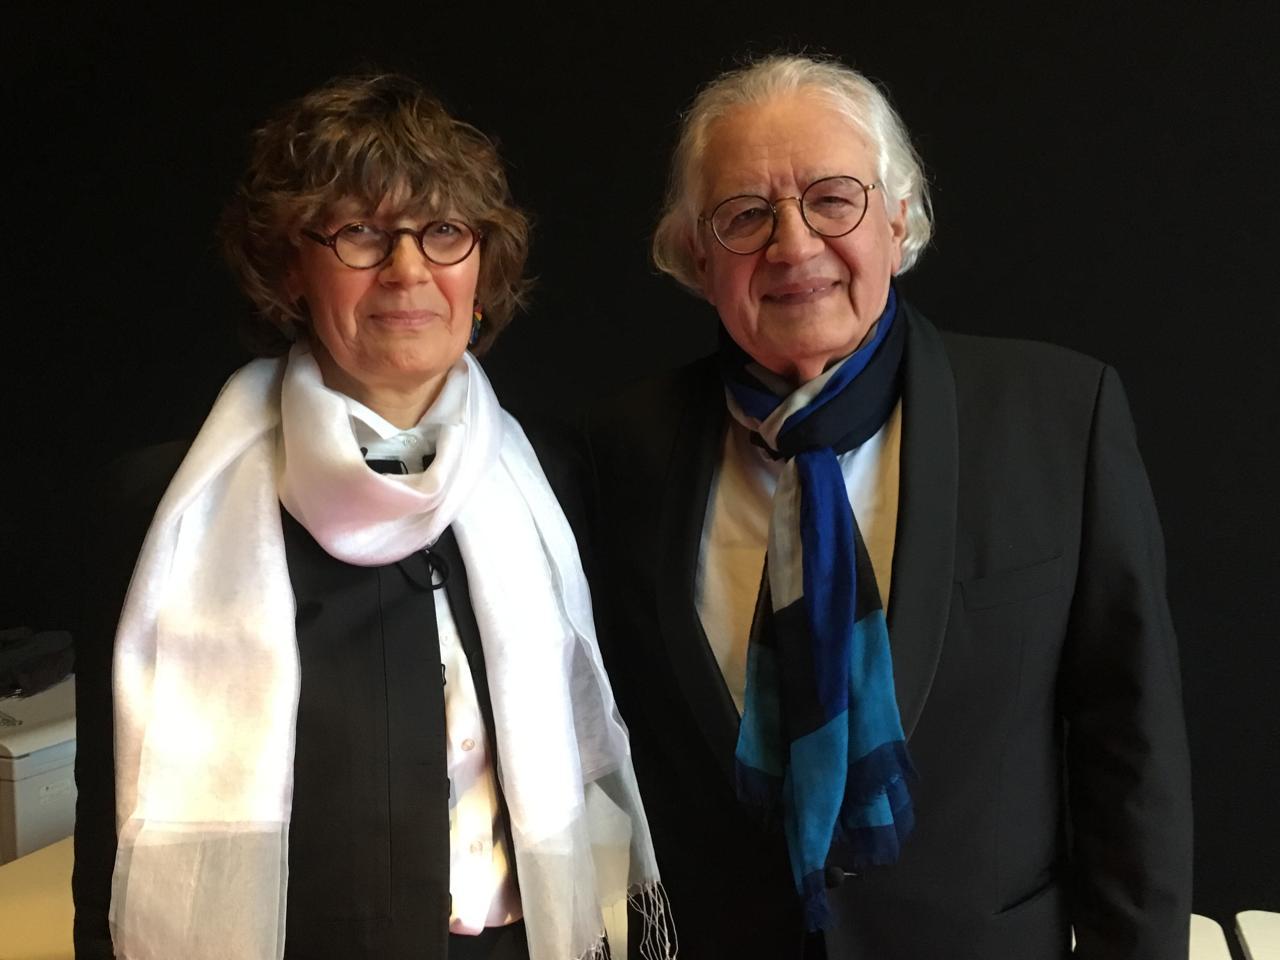 Documentalista chileno Patricio Guzmán invitado de honor a IDFA 2019